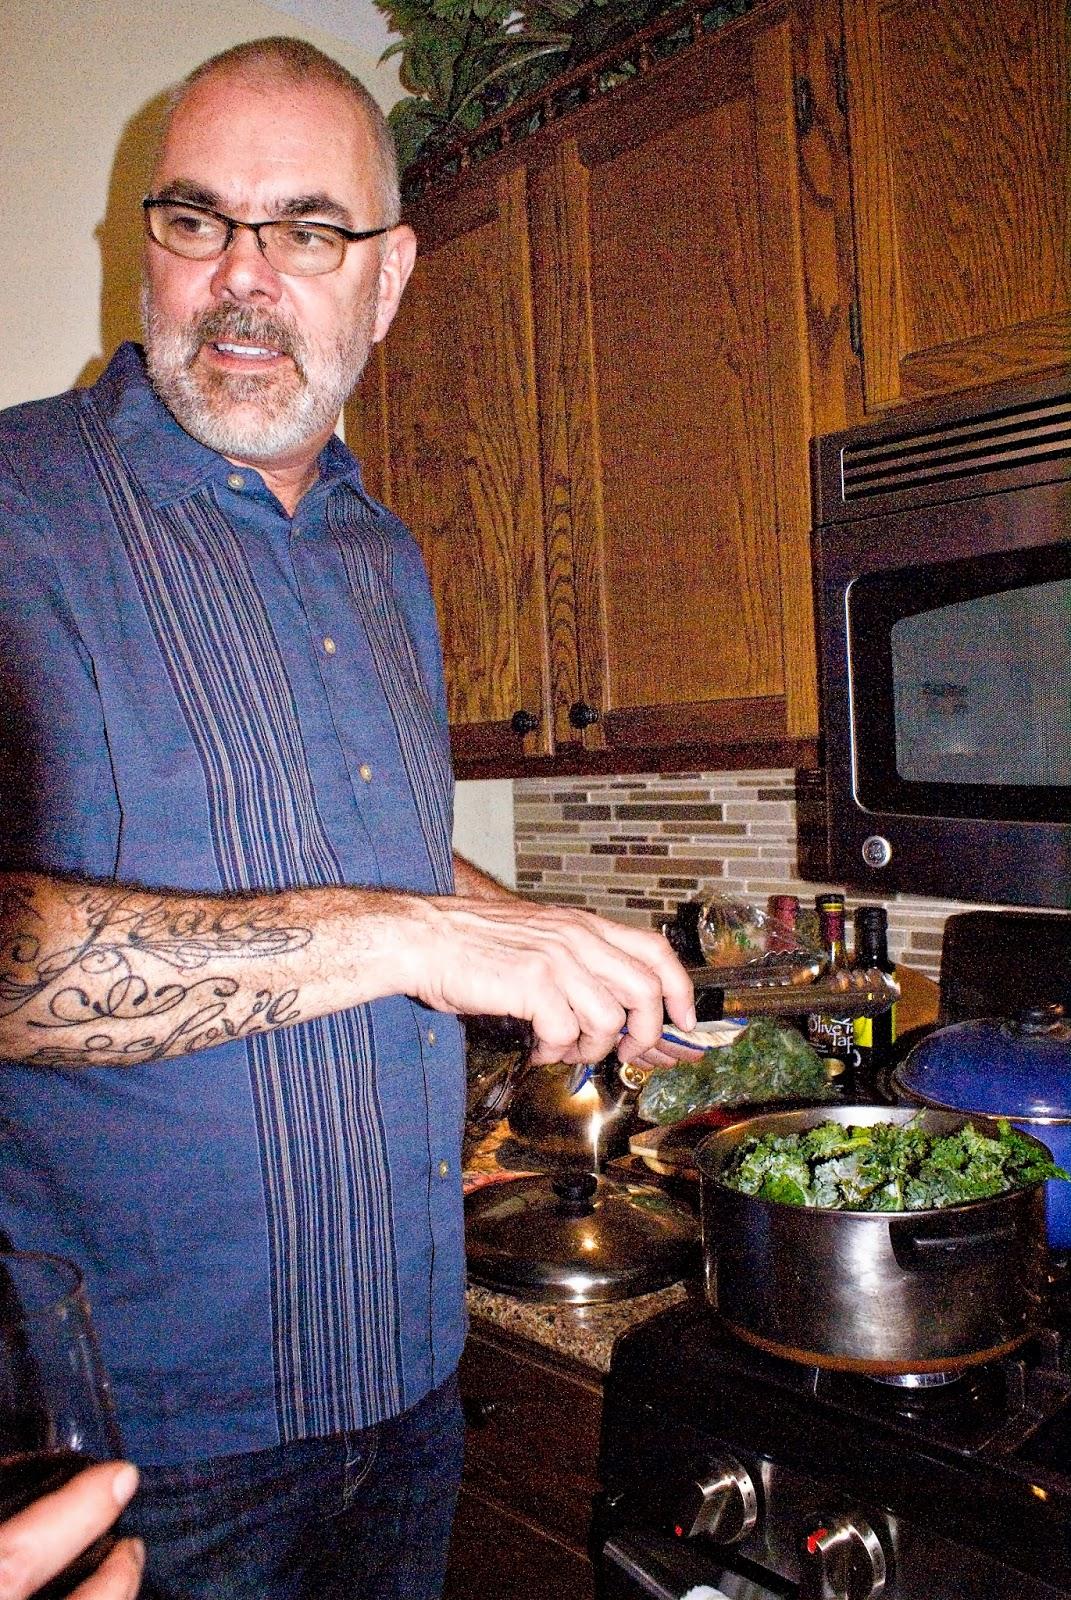 John Holm cooking